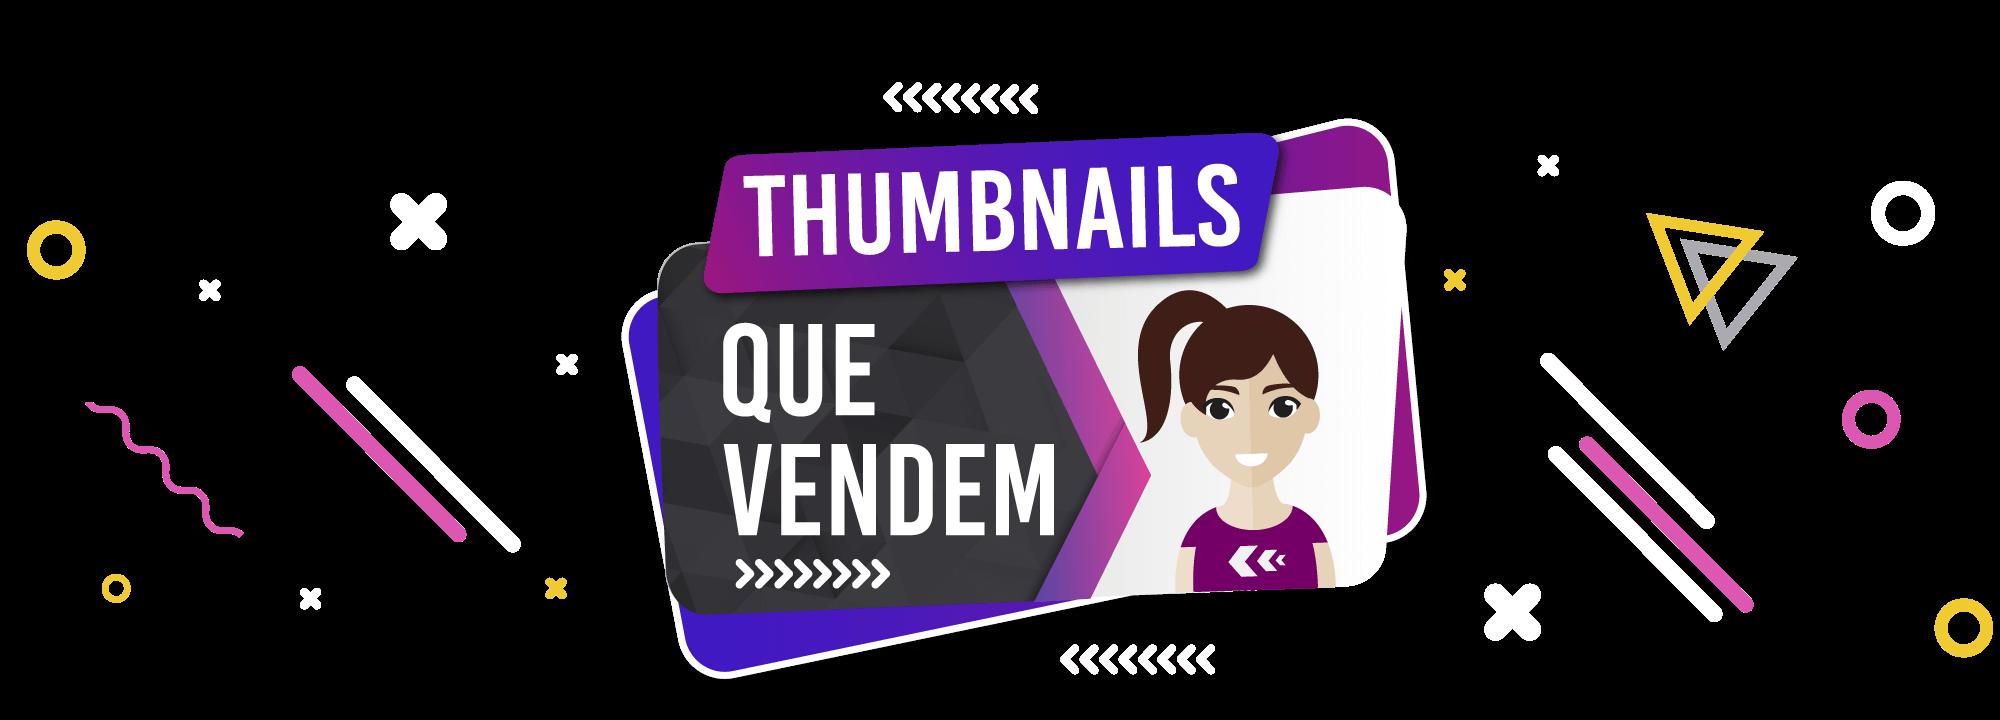 Curso-Thumbnails-Que-Vendem-capas